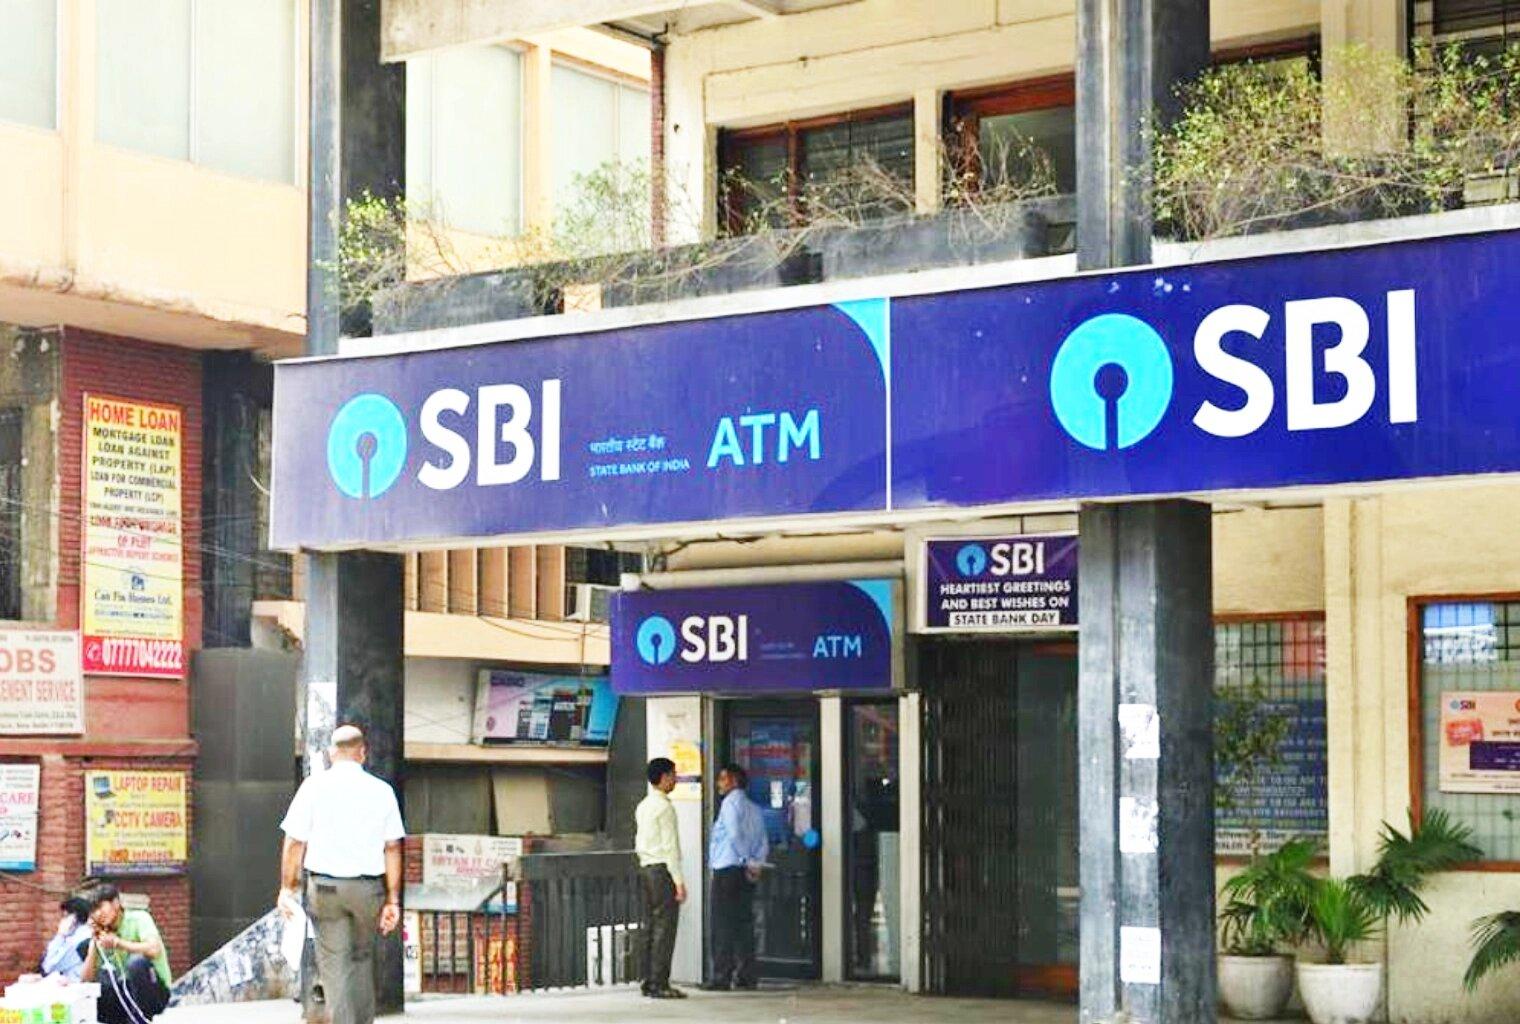 સૌથી મોટી સરકારી બેંક SBIએ બદલી નાંખ્યા ATMથી પૈસા ઉપાડવાનો નિયમ, જાણો આ તારીખ થી થશે લાગુ... 3